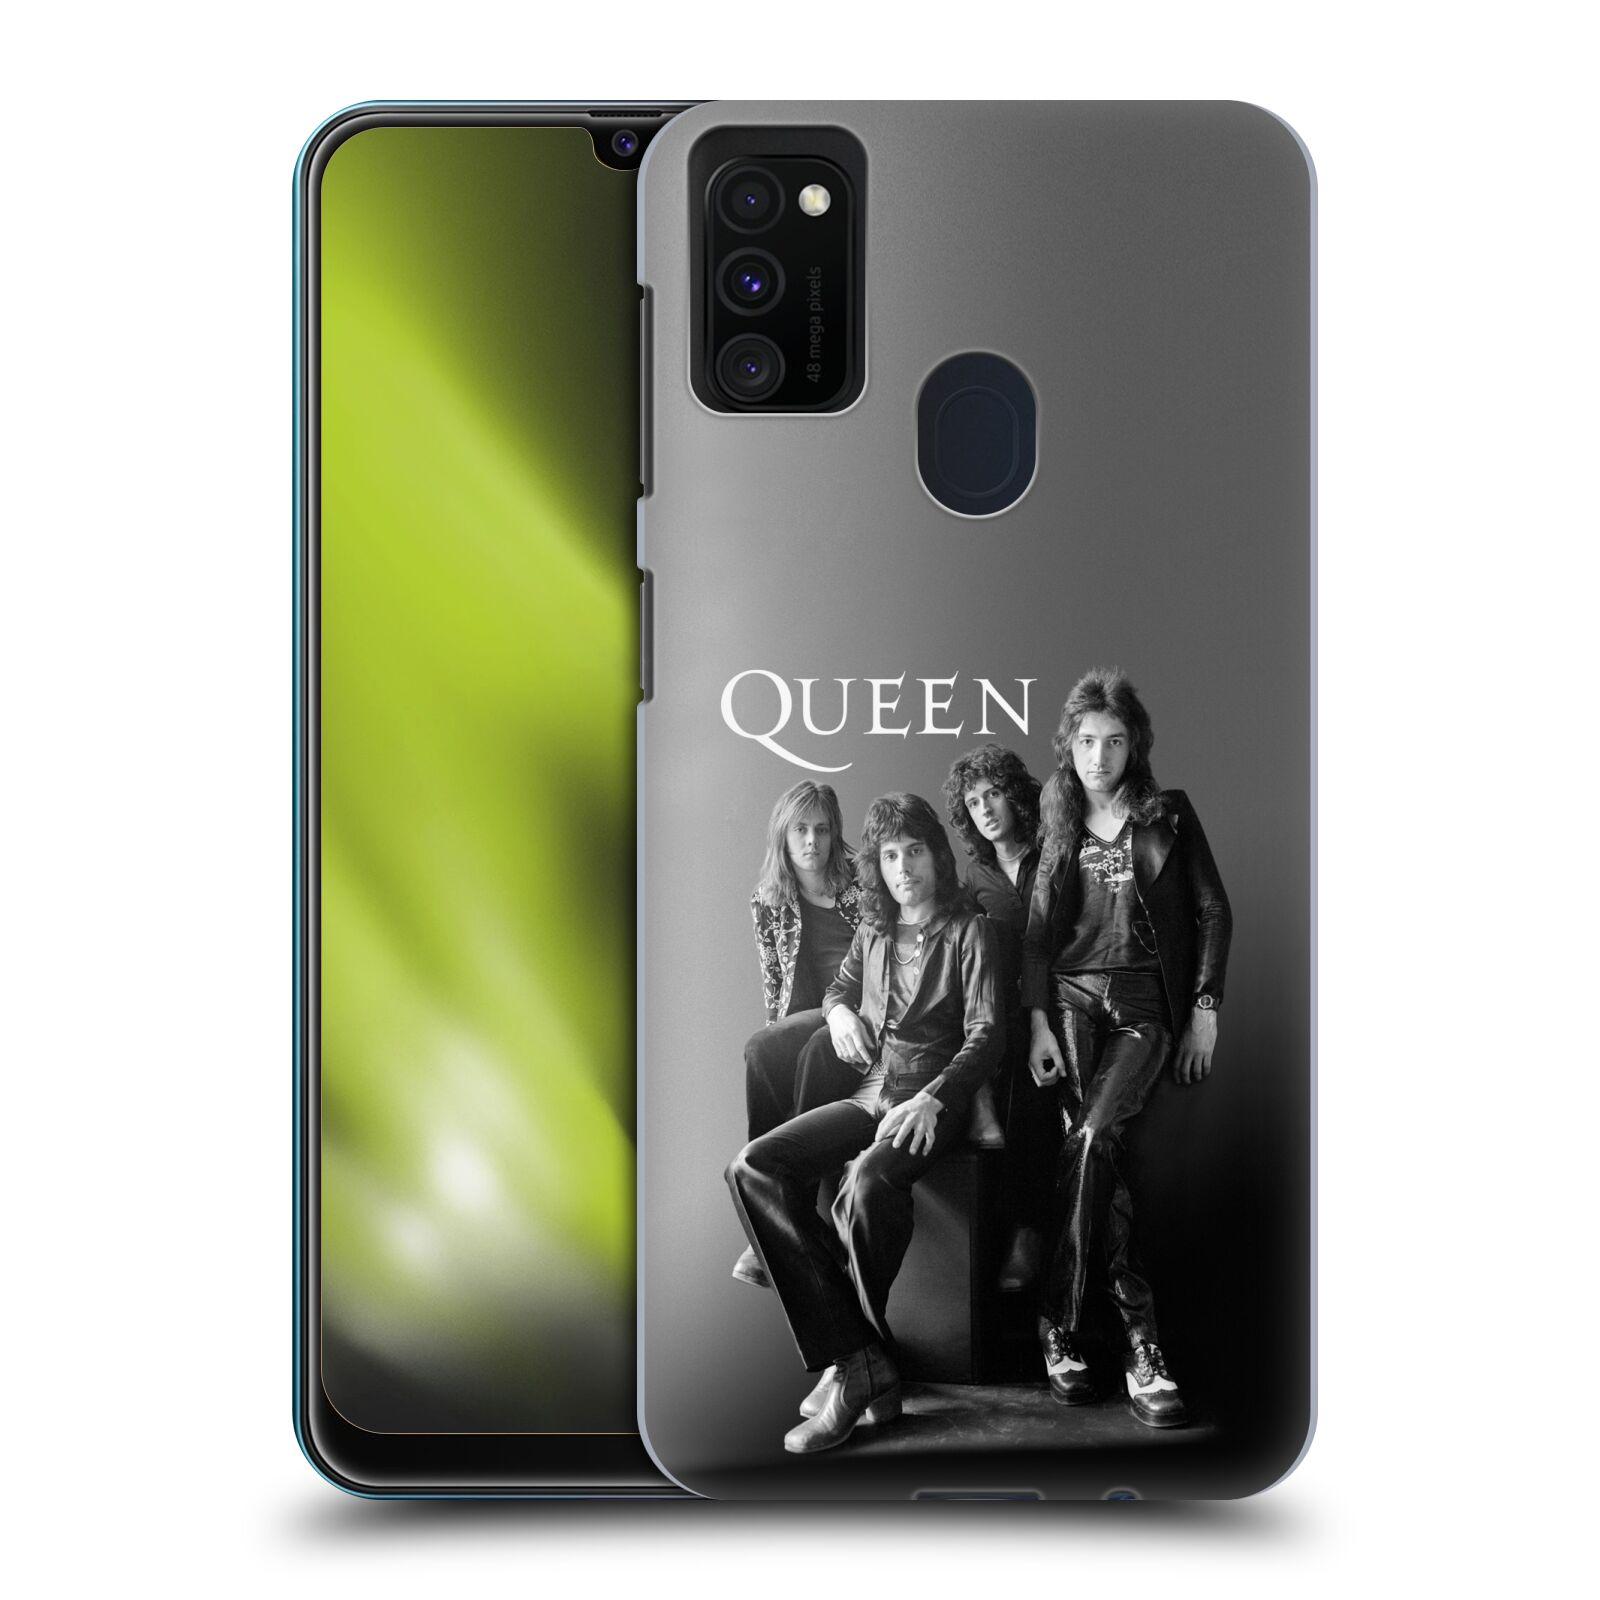 Plastové pouzdro na mobil Samsung Galaxy M21 - Head Case - Queen - Skupina